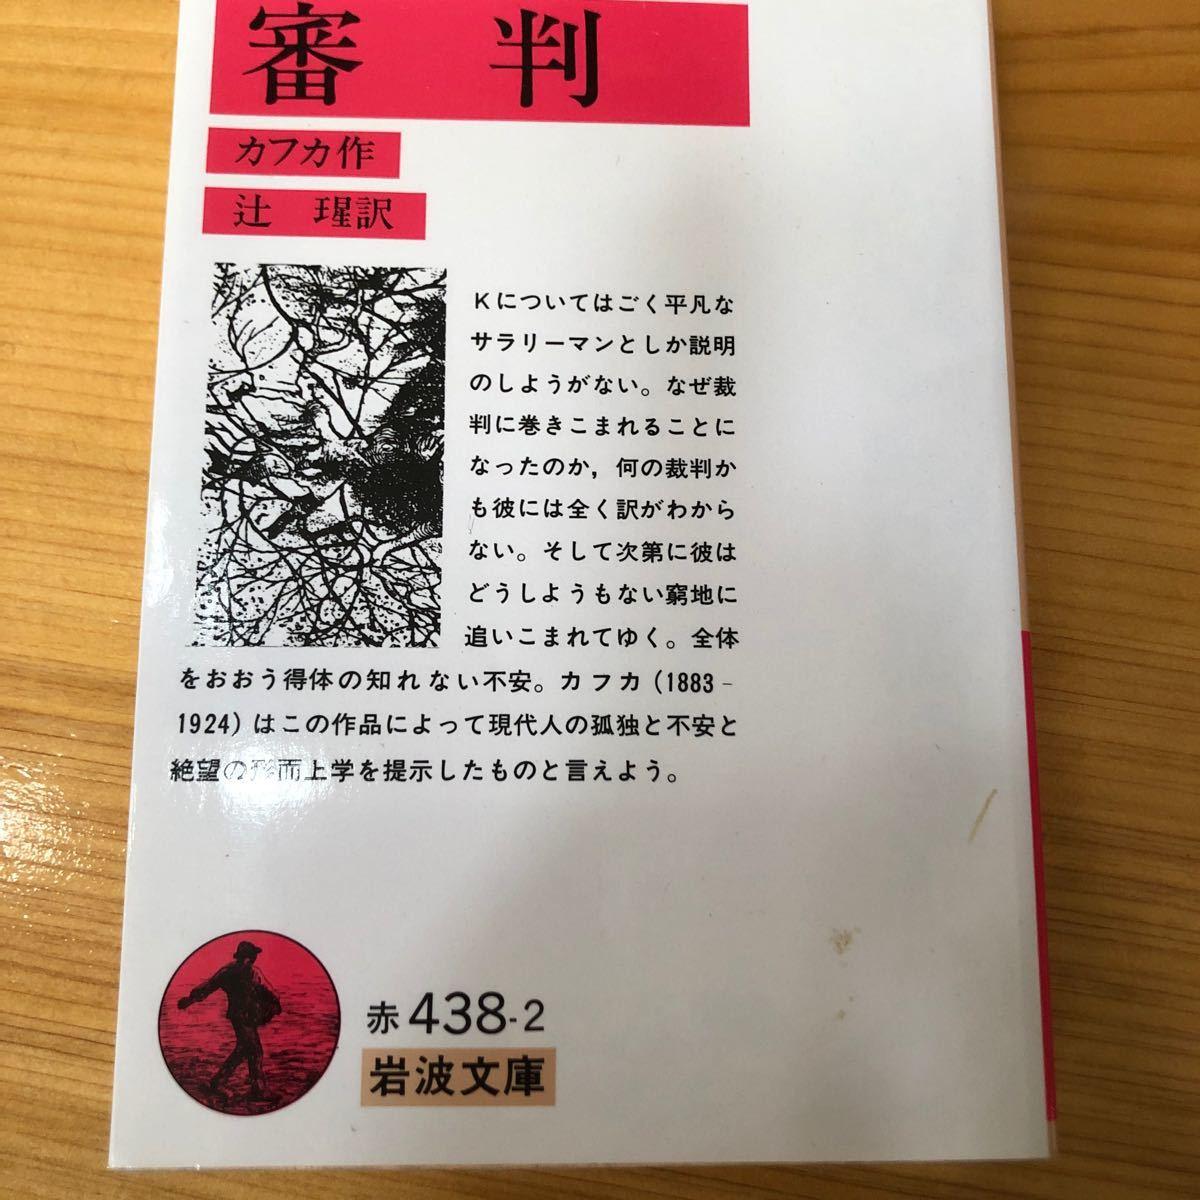 審判 岩波文庫/フランツカフカ (著者) 辻ひかる (訳者)